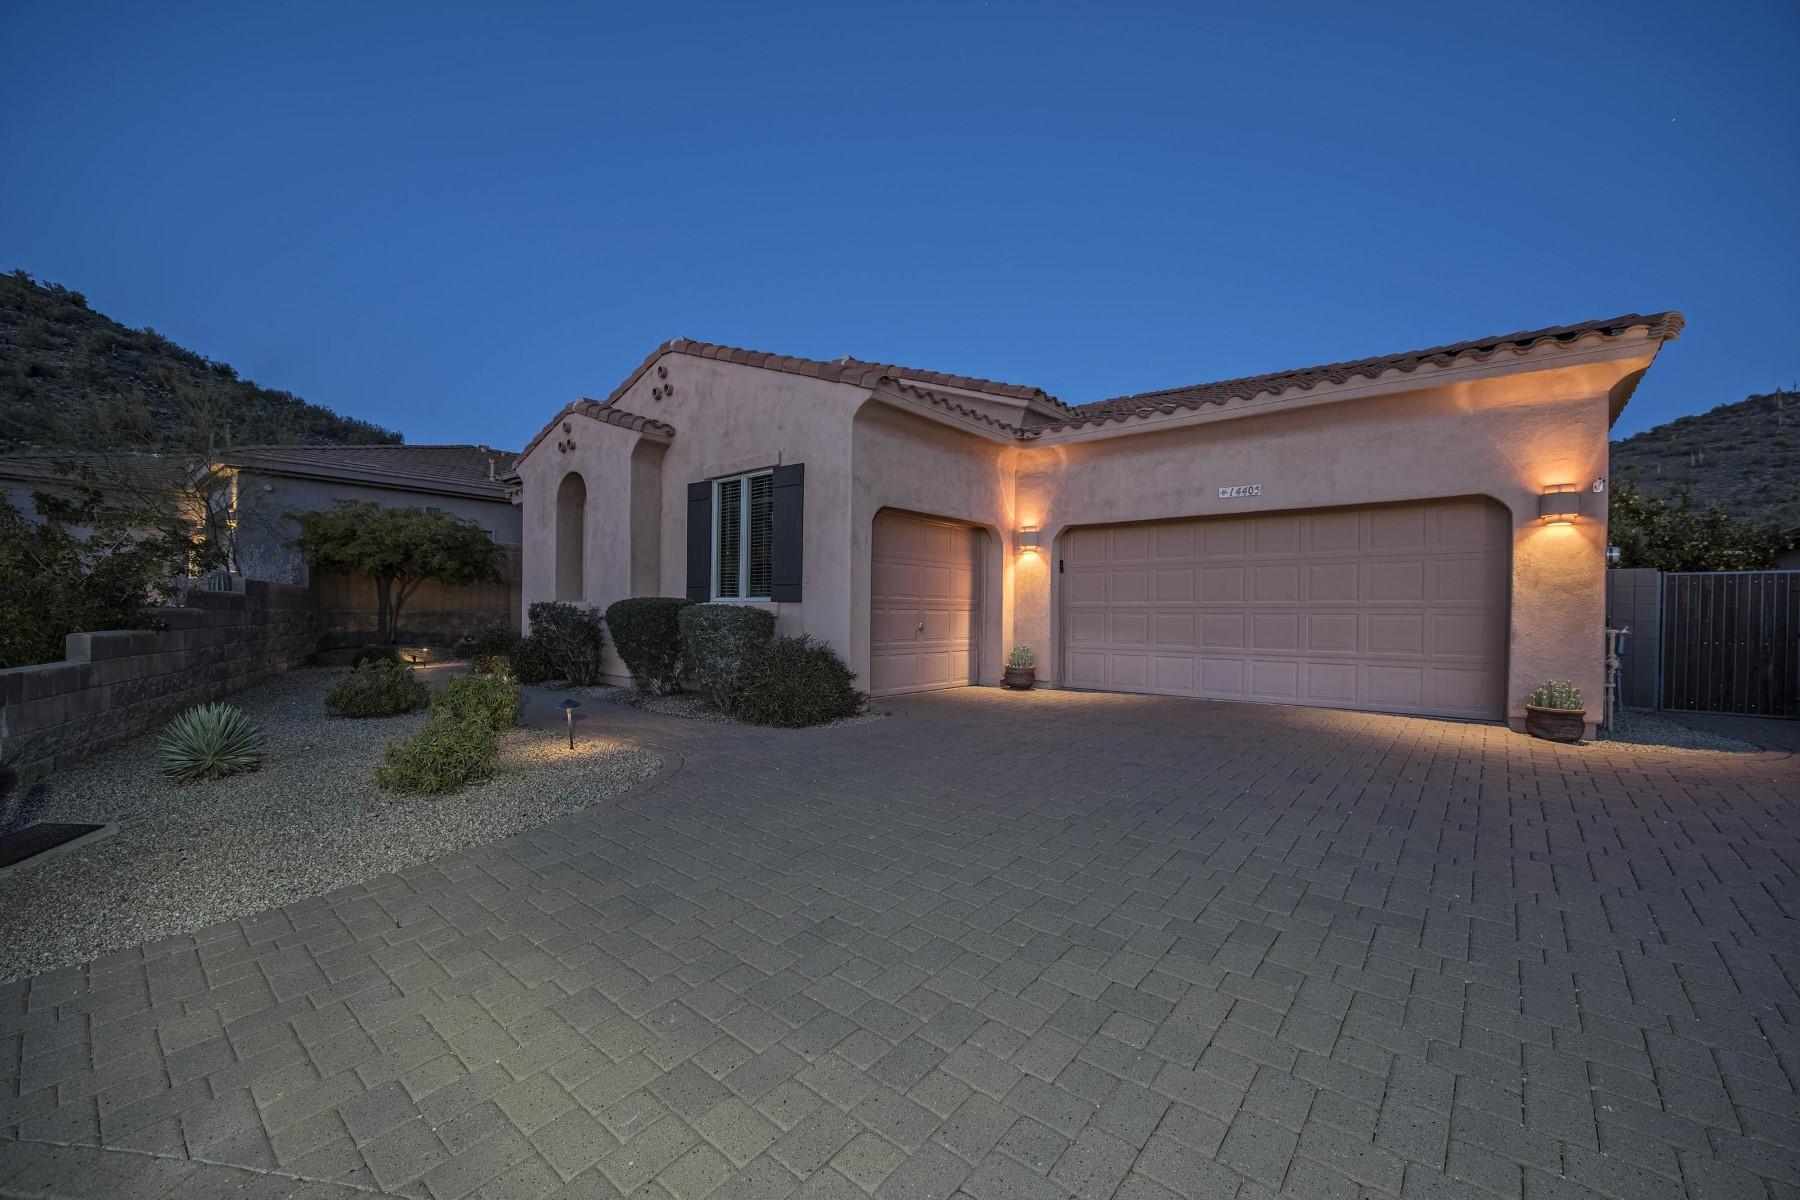 Casa para uma família para Venda às Stunning home with views 14405 E Geronimo Rd Scottsdale, Arizona, 85259 Estados Unidos